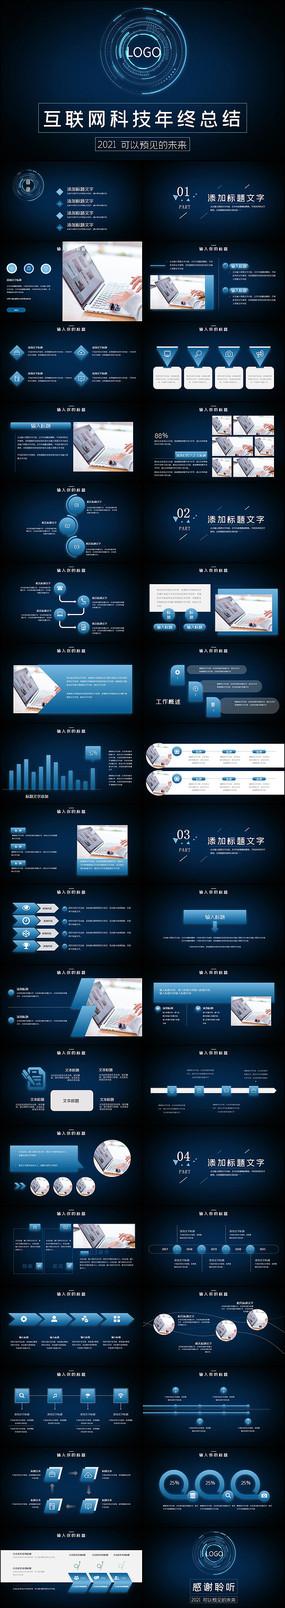 未来科技创新新品发布会互联网PPT